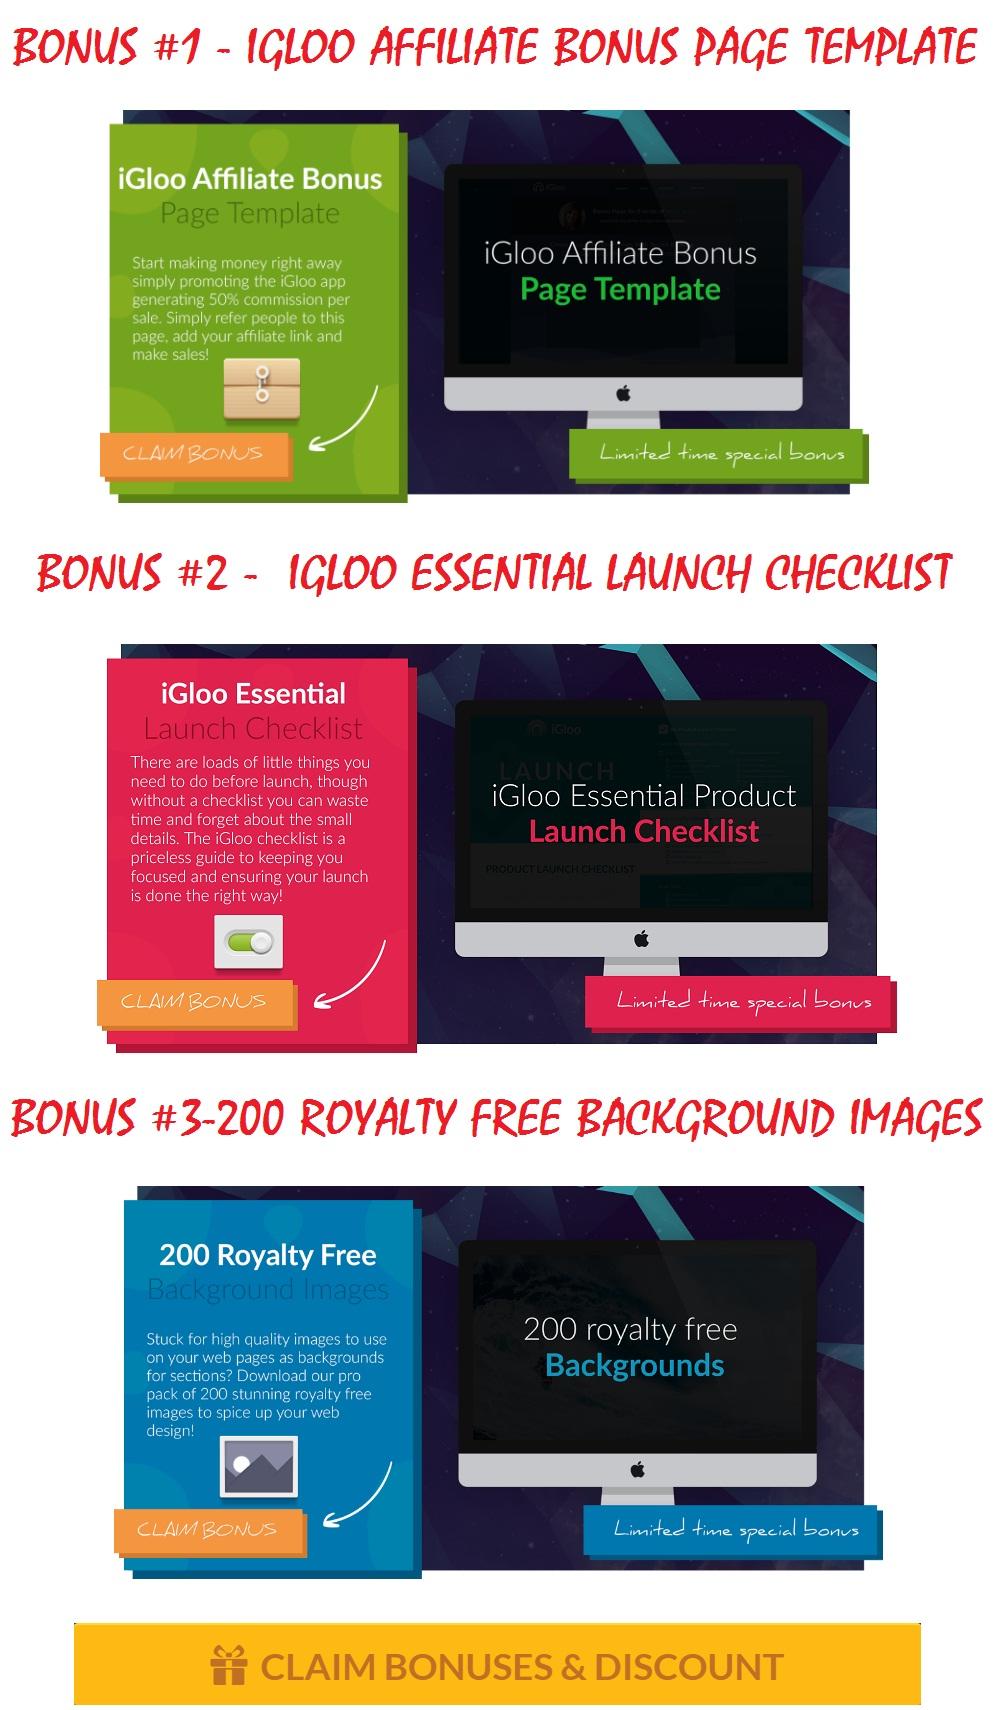 iGloo App Bonus